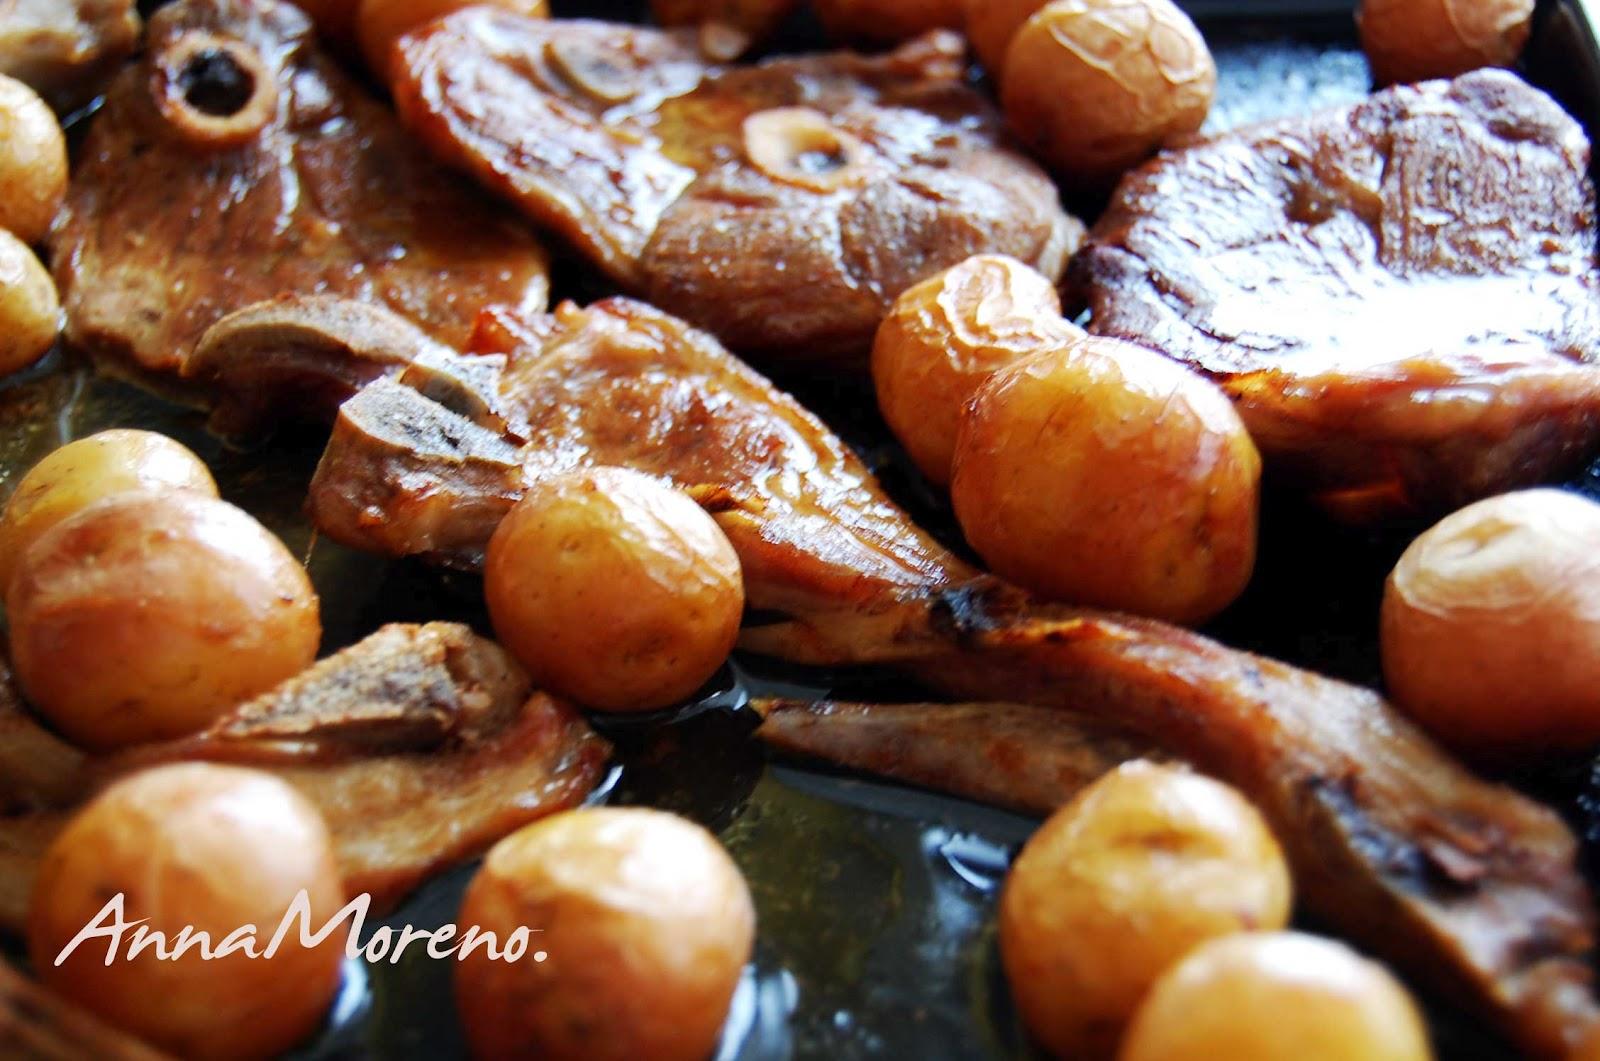 Buenas migas blog de cocina de anna moreno chuletas de cordero al horno con patatas miss blush - Chuletas de cordero al horno con patatas ...